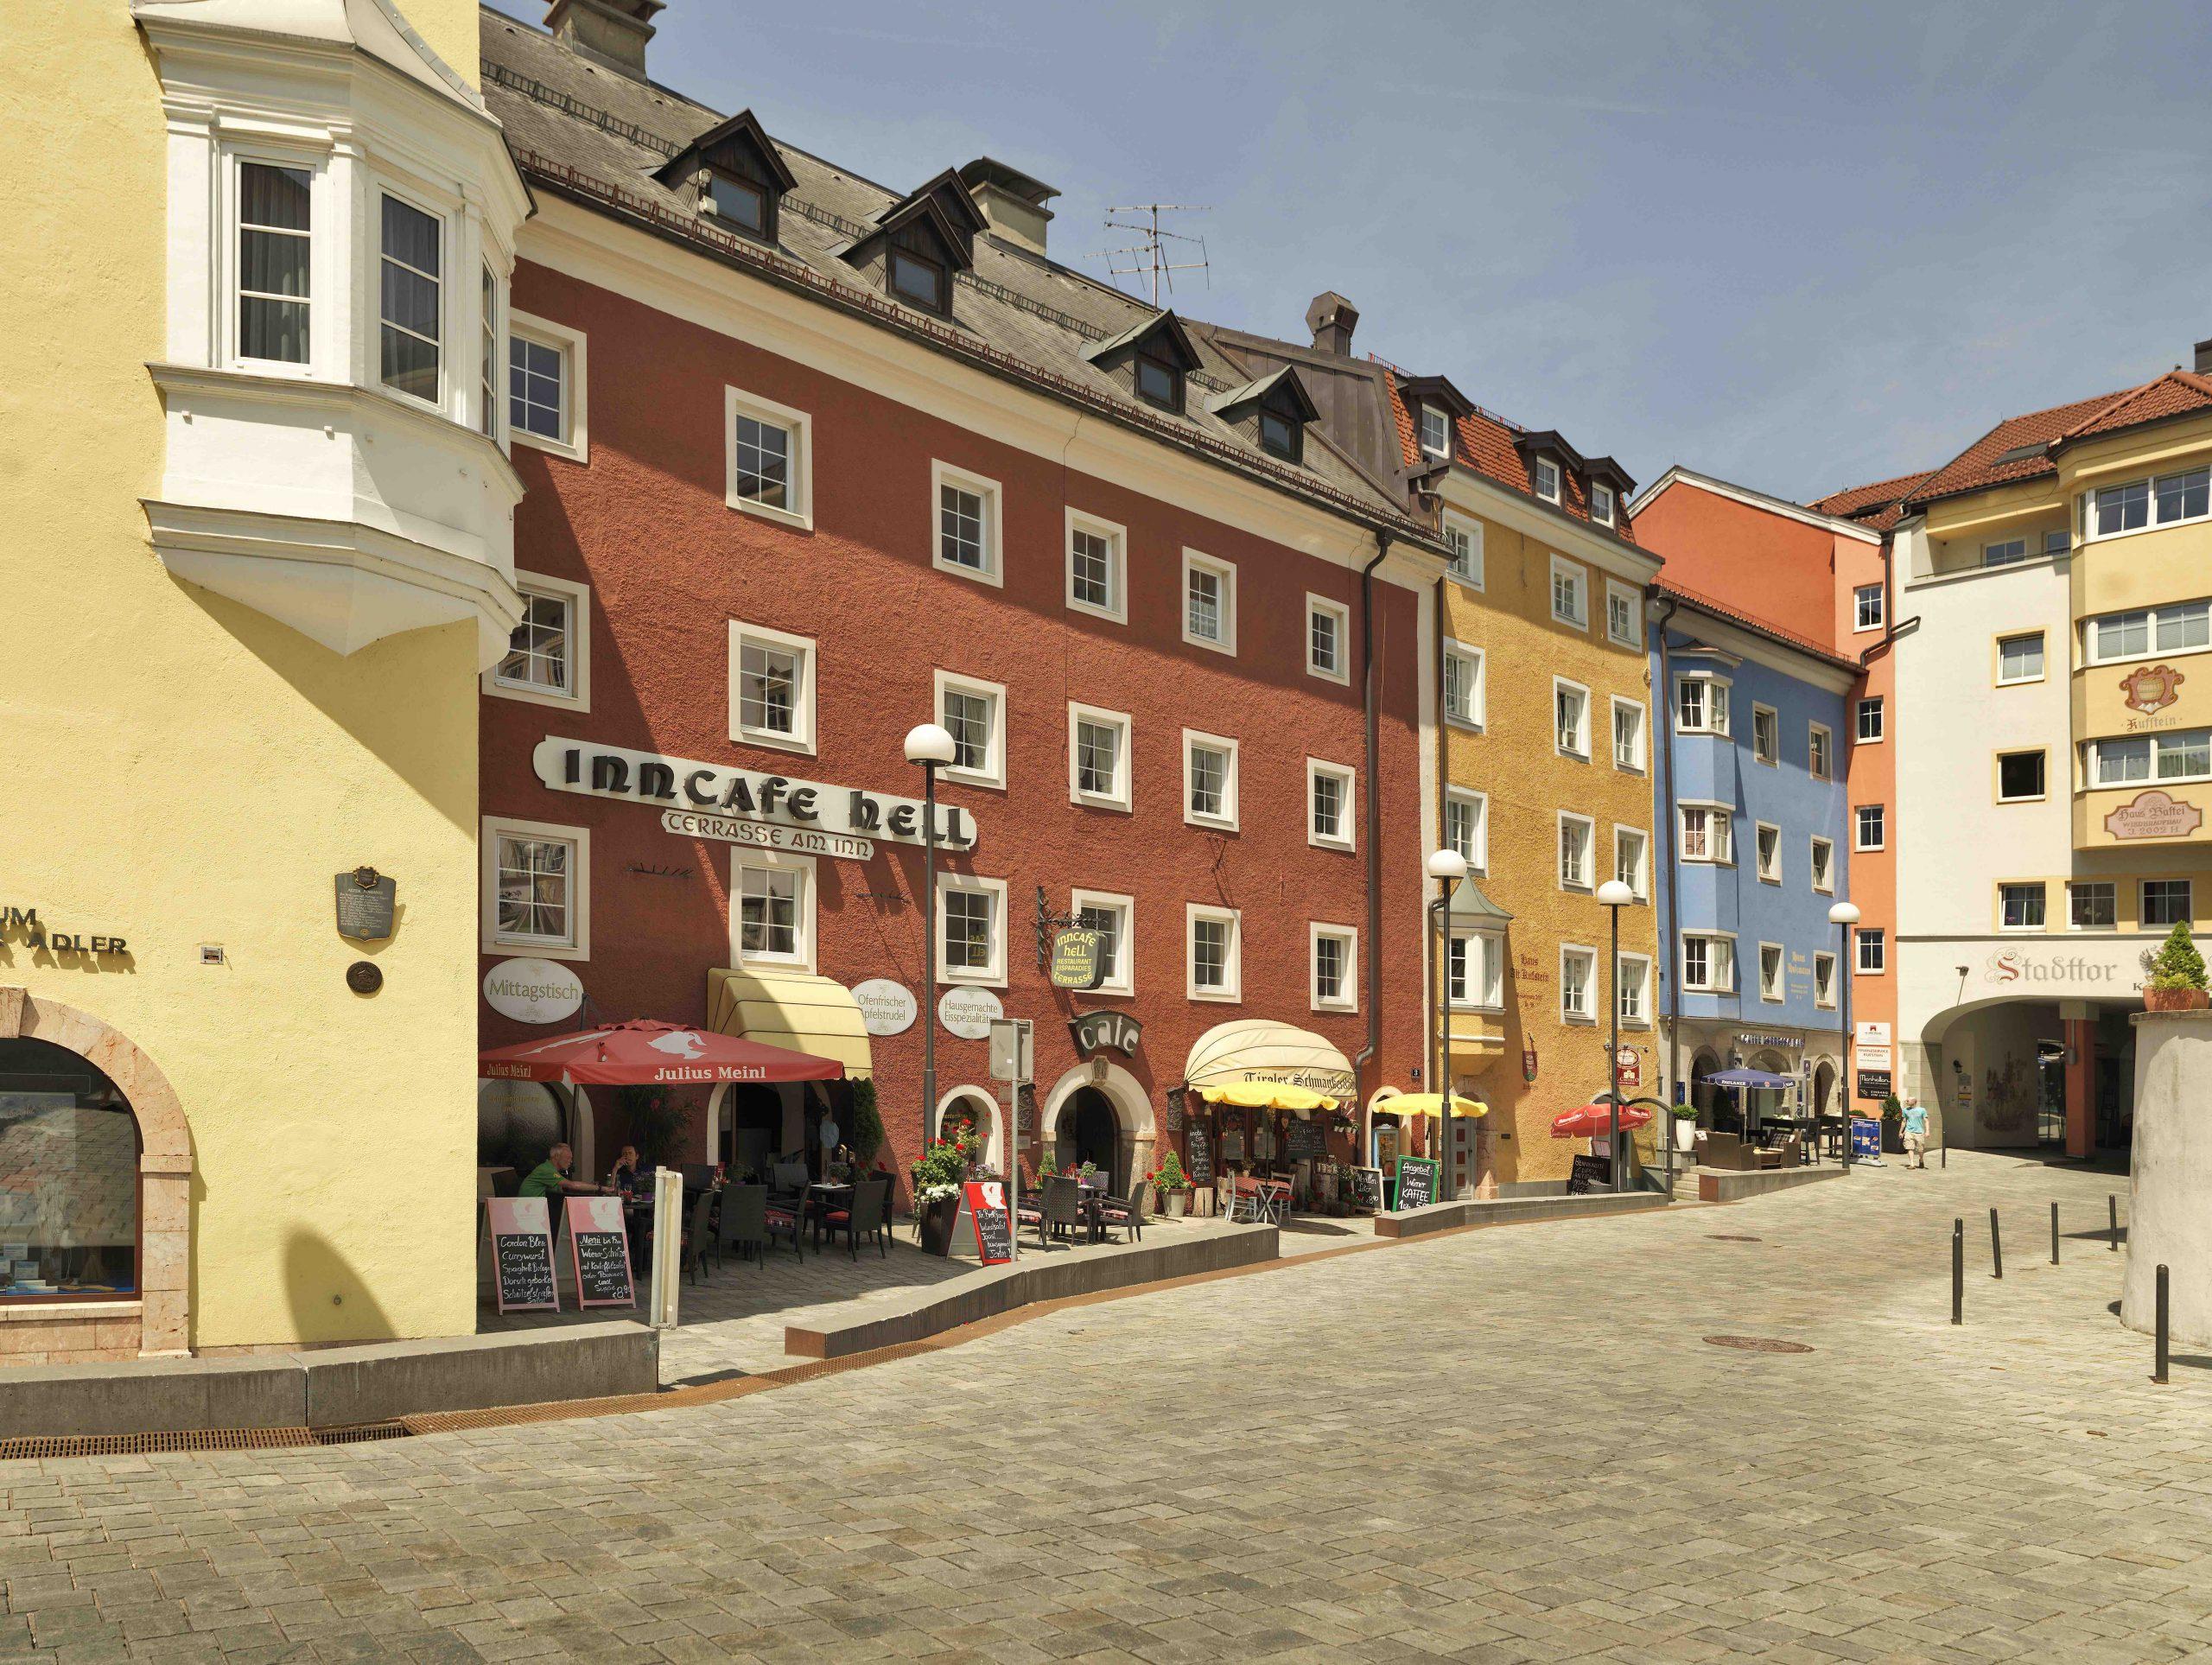 Kufstein besticht durch seine schöne Architektur und viele nette Cafés und Bars, Foto: Lolin I Climbers Paradise